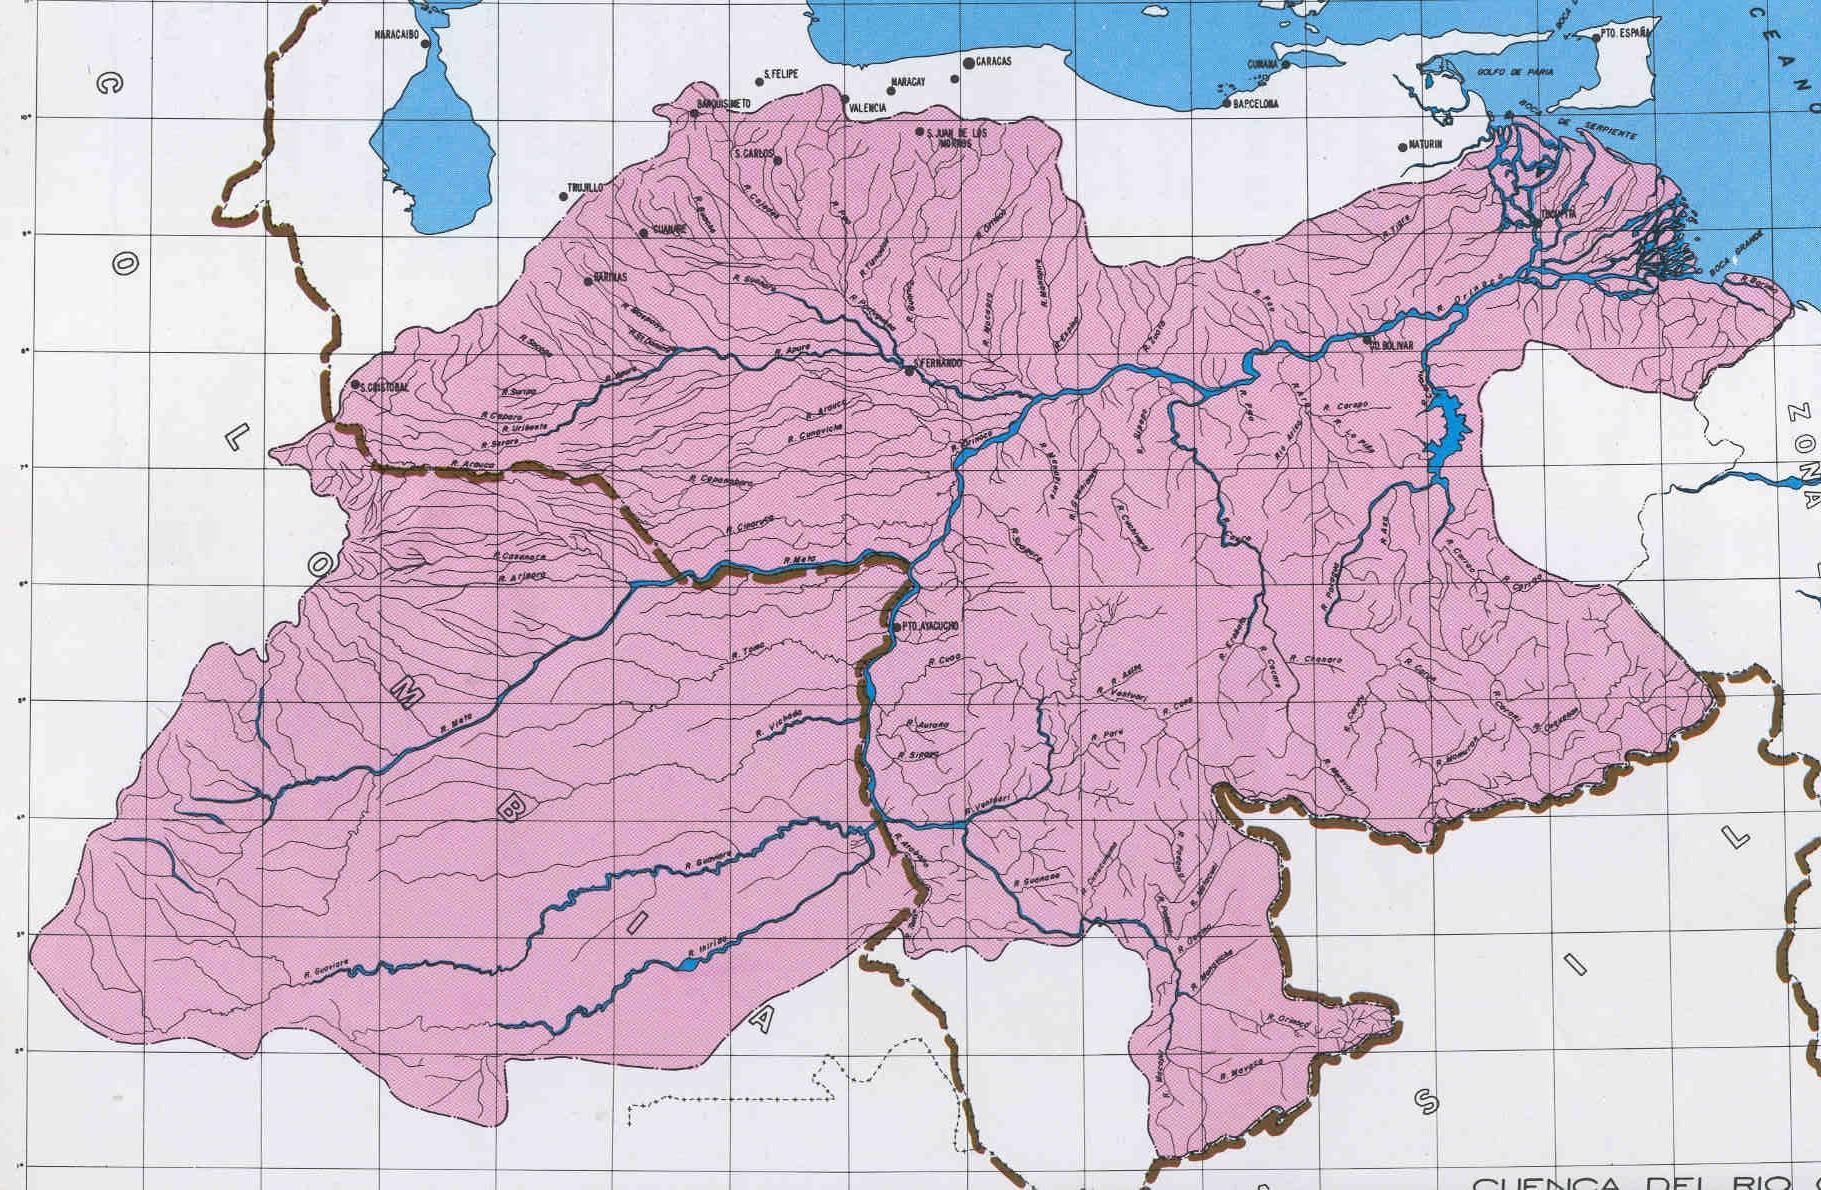 File:Cuenca del Orinoco.jpg - Wikimedia Commons